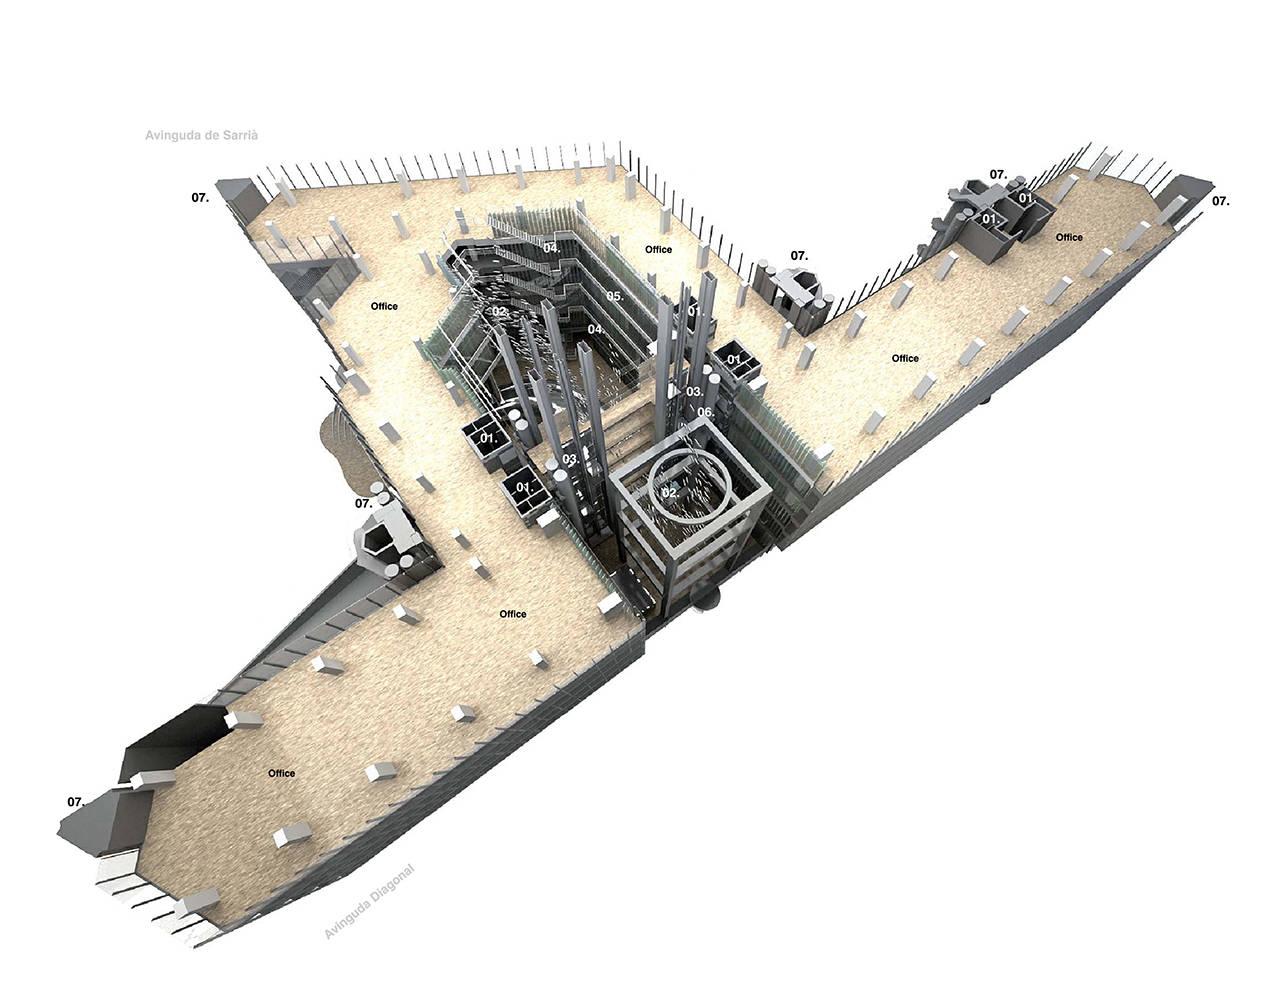 Diagonal 640 Barcelona Oficinas proyecto arquitectura esquema 1